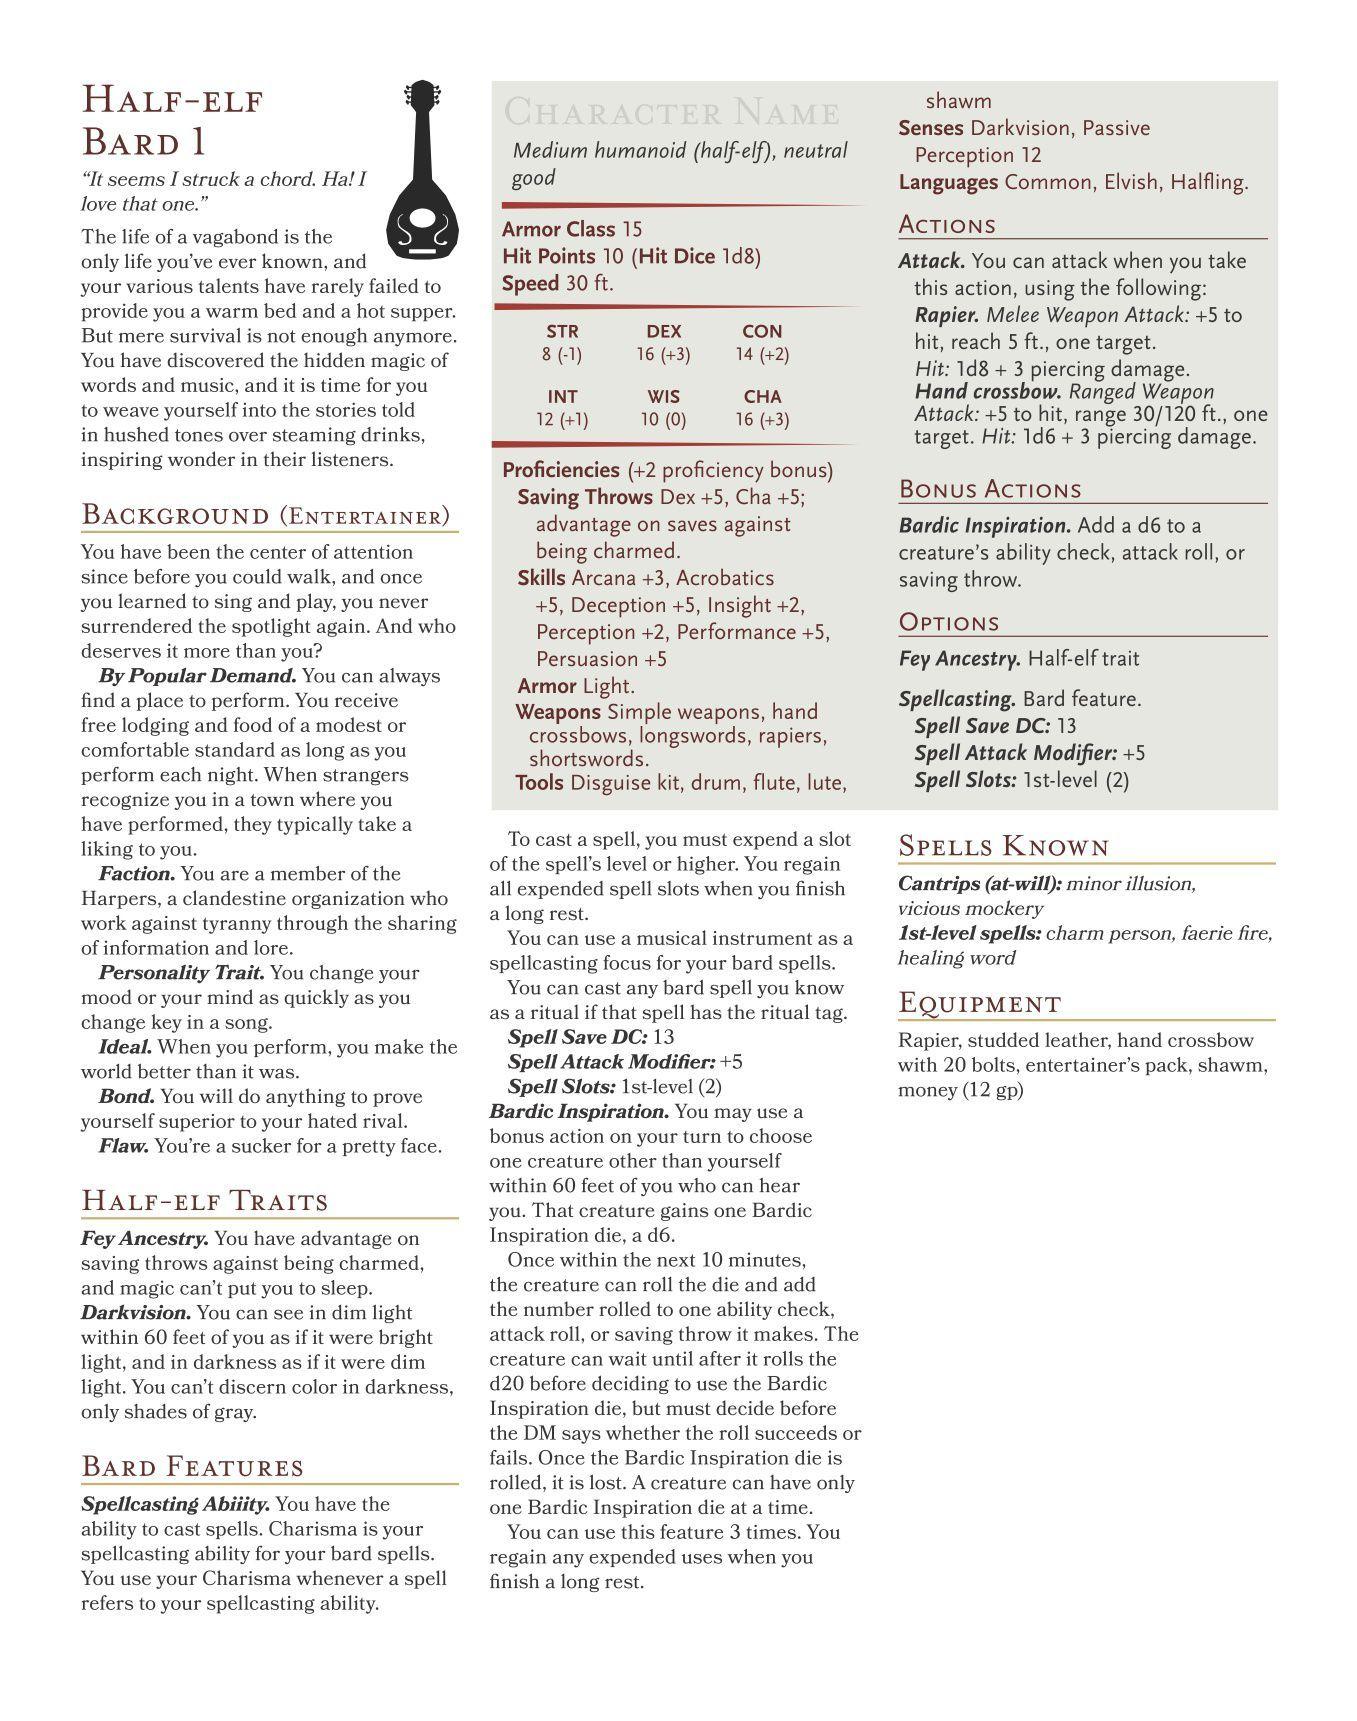 Half-elf Bard | Image | BoardGameGeek